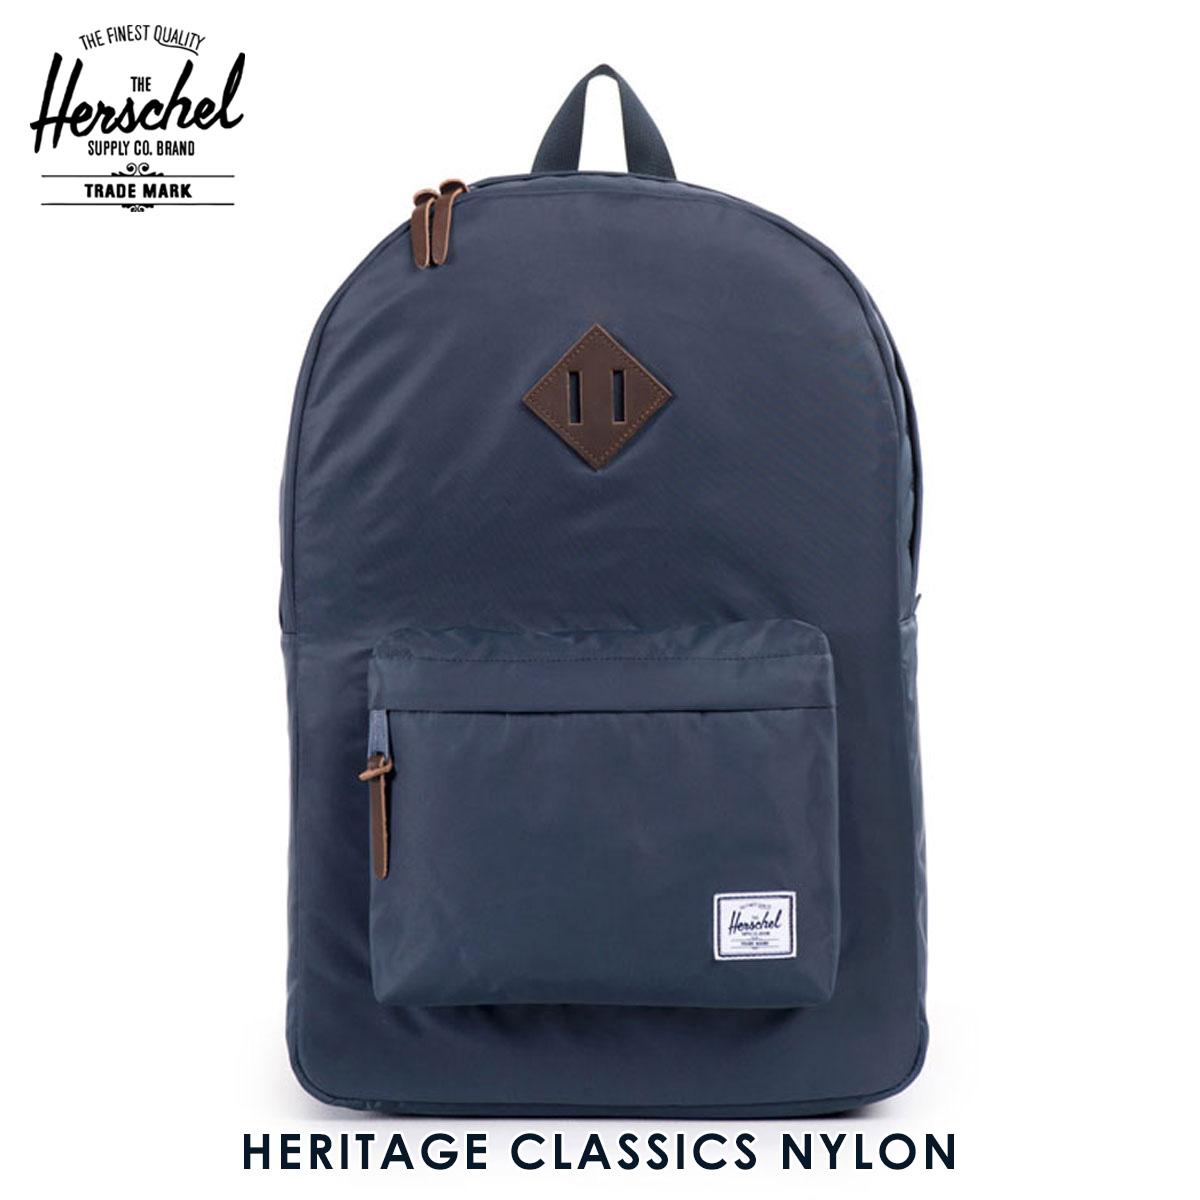 【販売期間 6/4 10:00~6/11 09:59】 ハーシェル バッグ 正規販売店 Herschel Supply ハーシャルサプライ バッグ リュックサック Heritage Classics Nylon 10 父の日